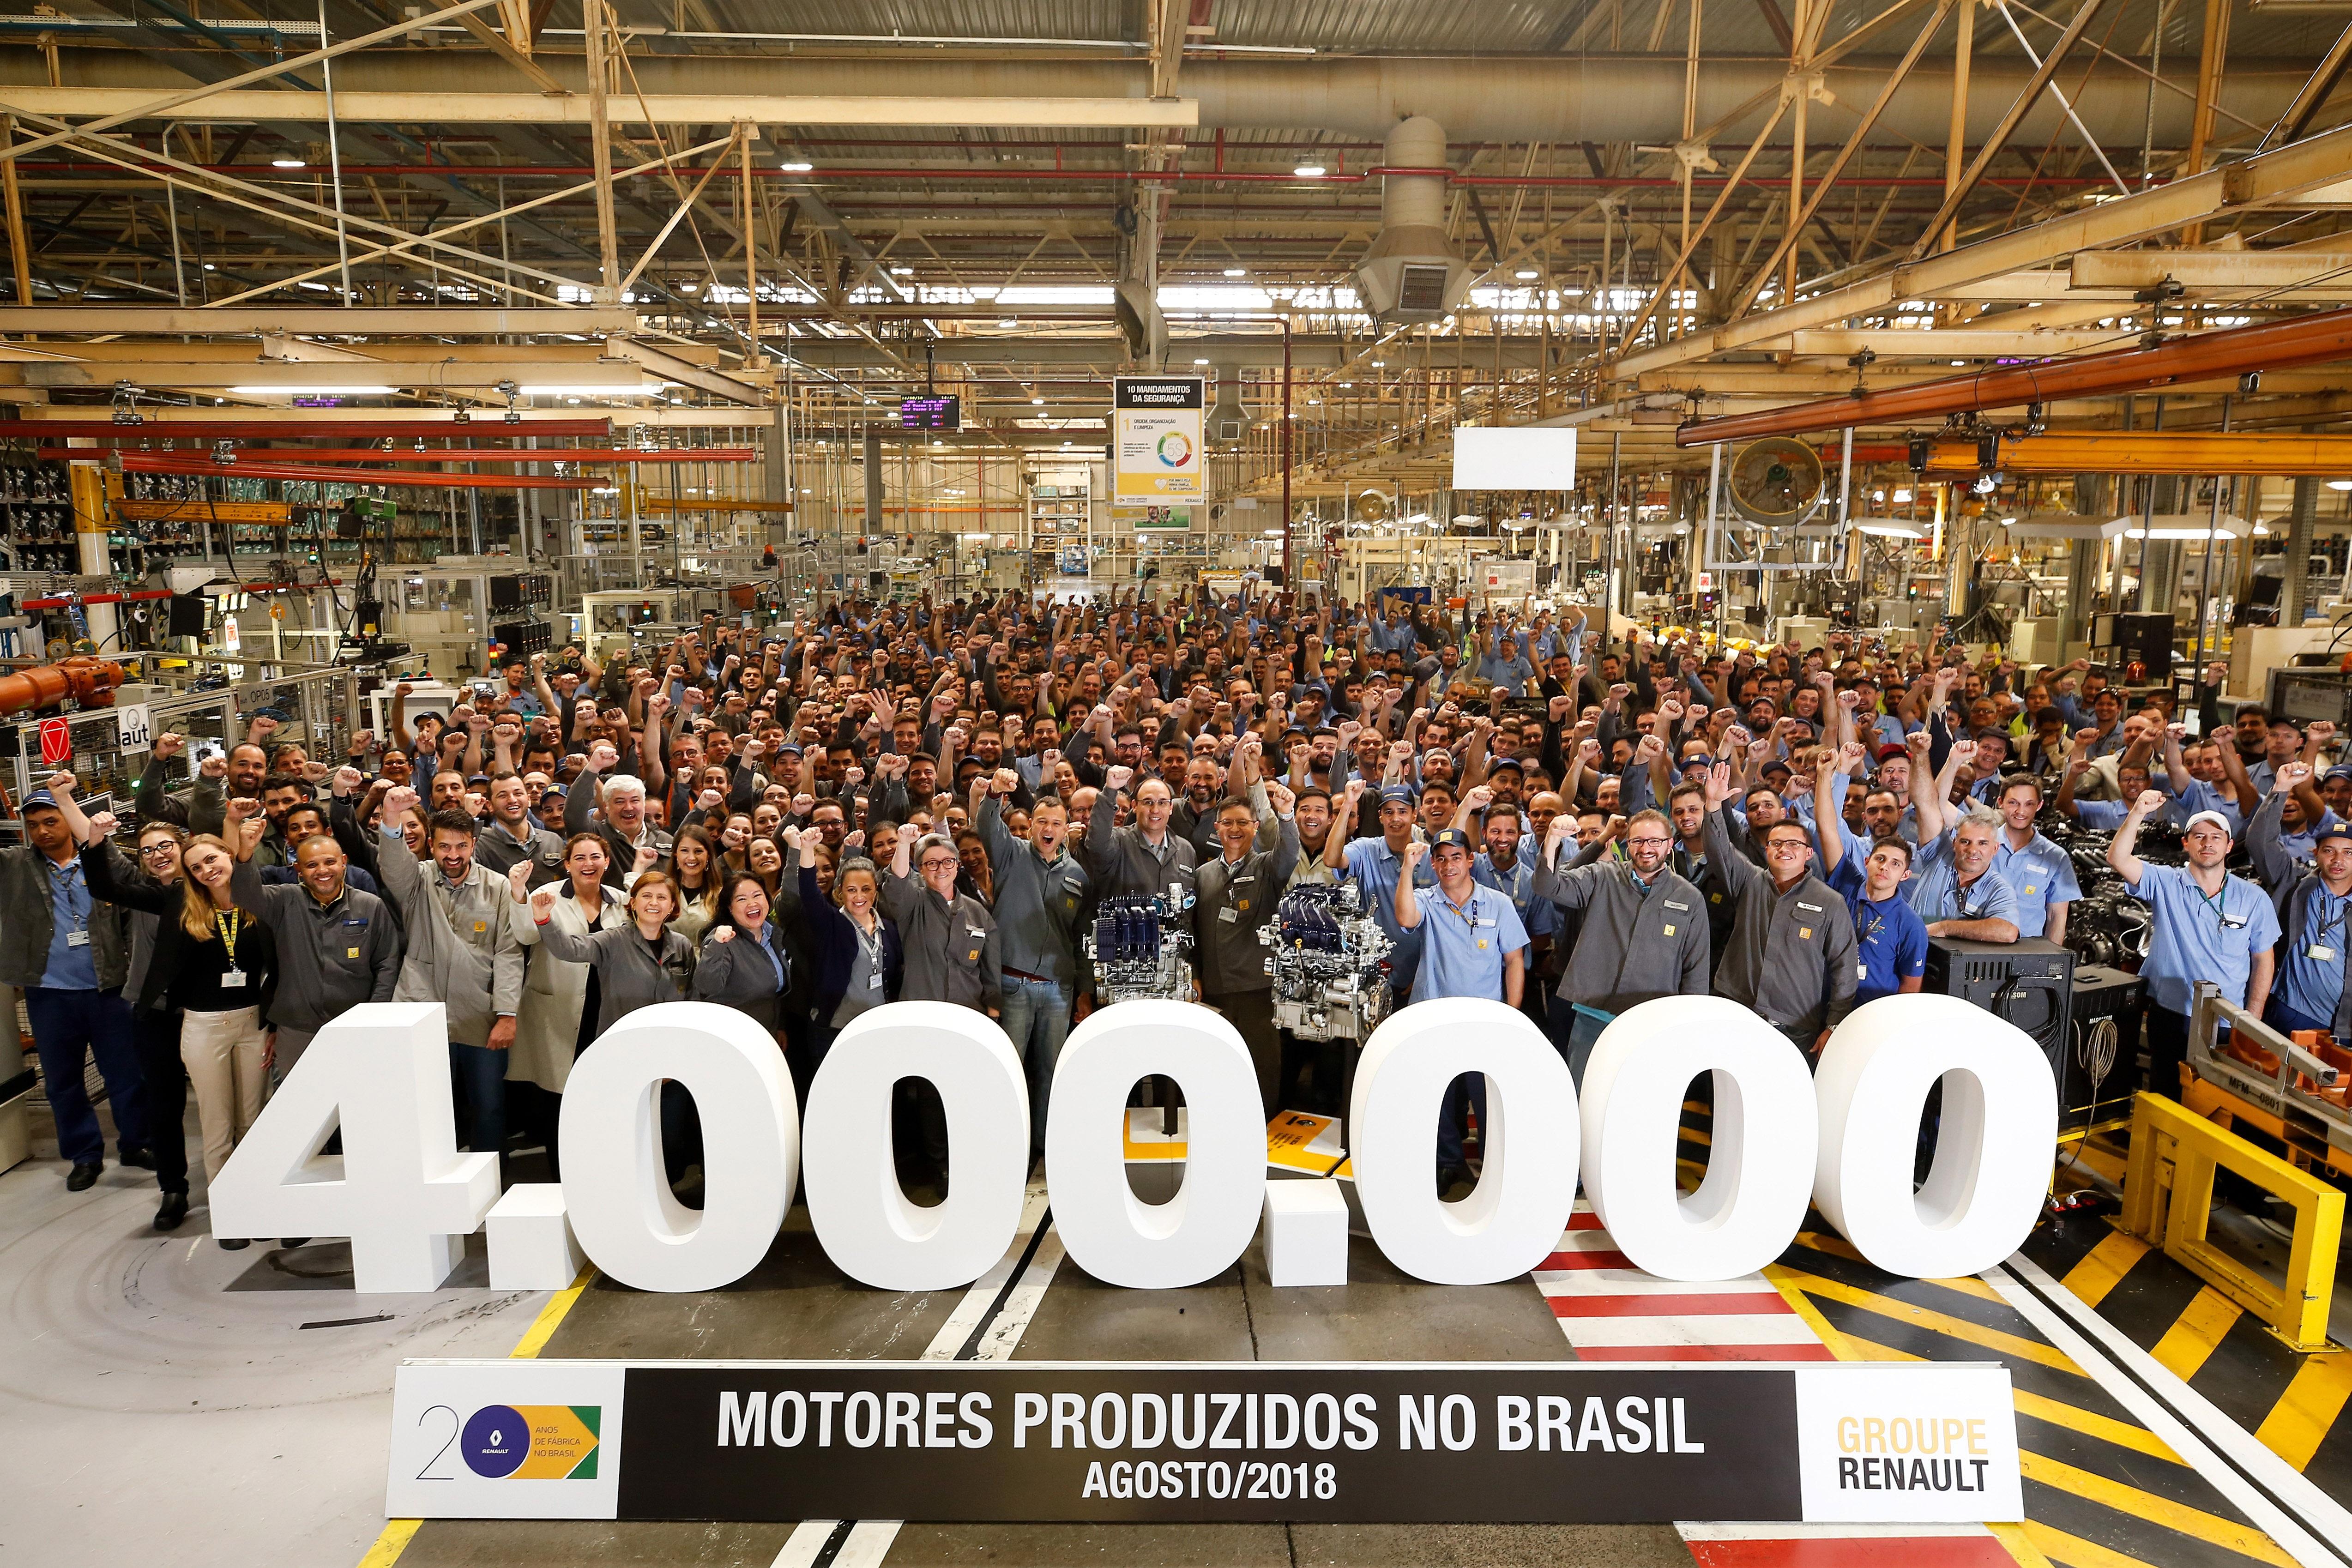 Renault alcança a marca de 4 milhões de motores produzidos no Brasil